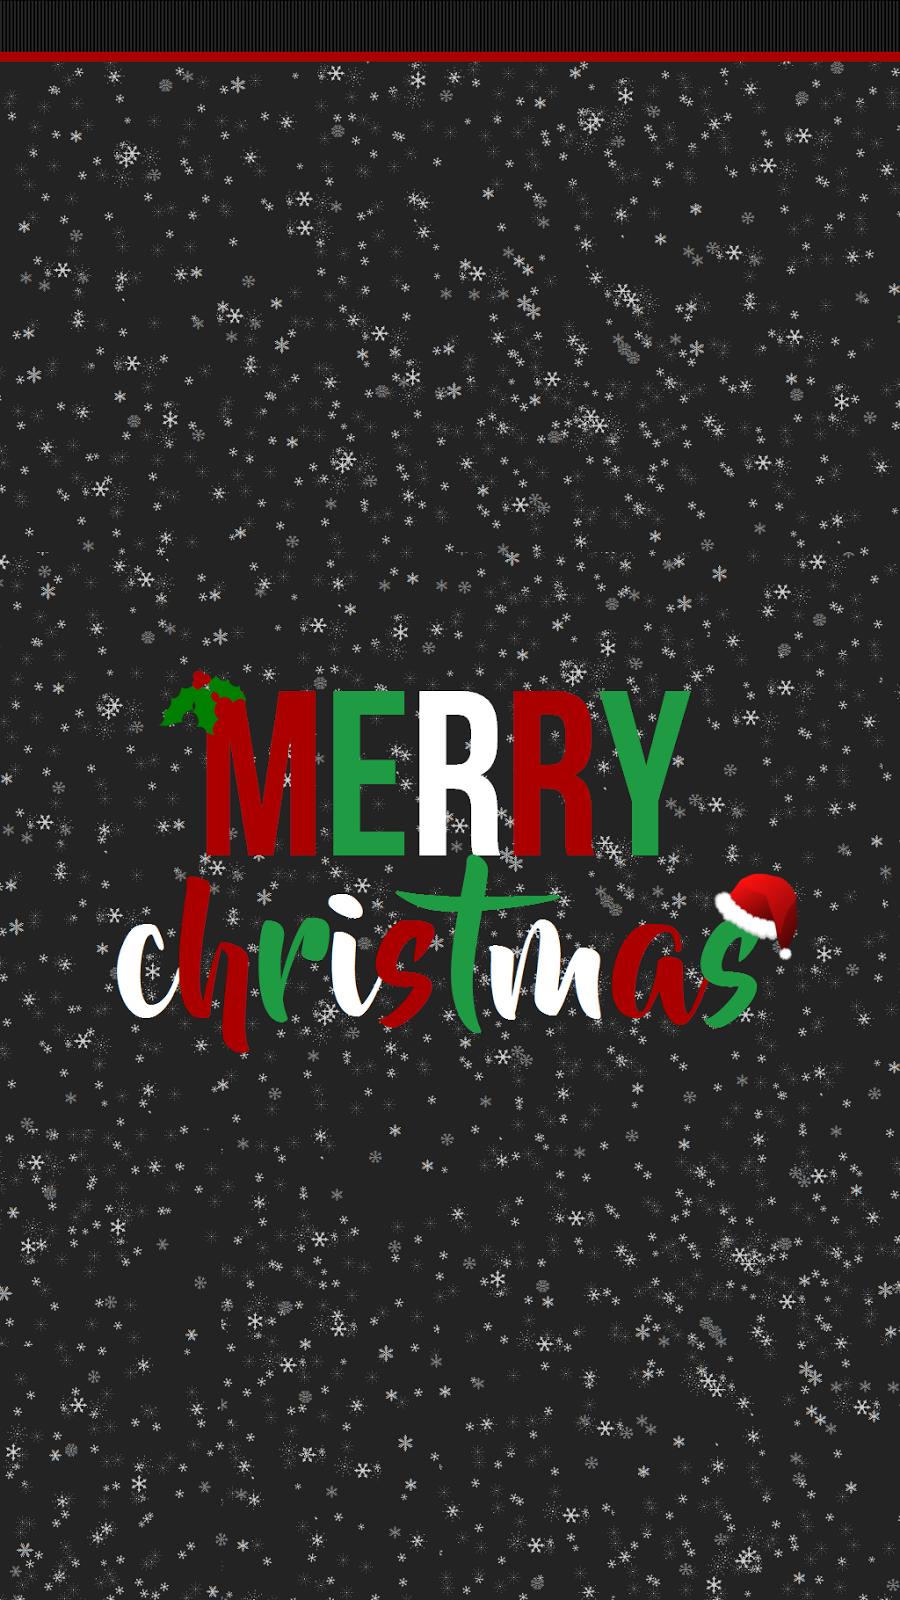 christmas lovenote5 tjn 049 wallpaper 049 hintergrund weihnachten weihnachtsw nsche und